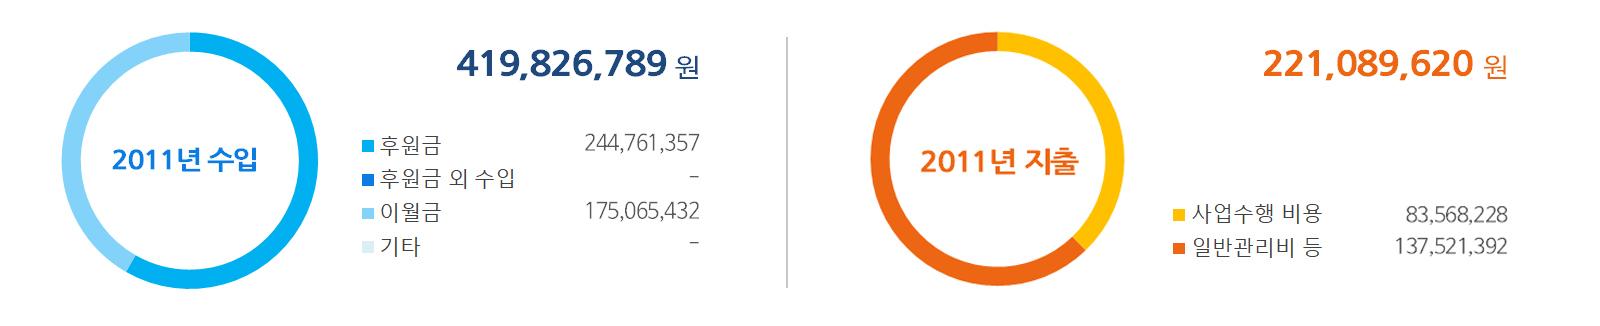 2011년 수입-지출.jpg